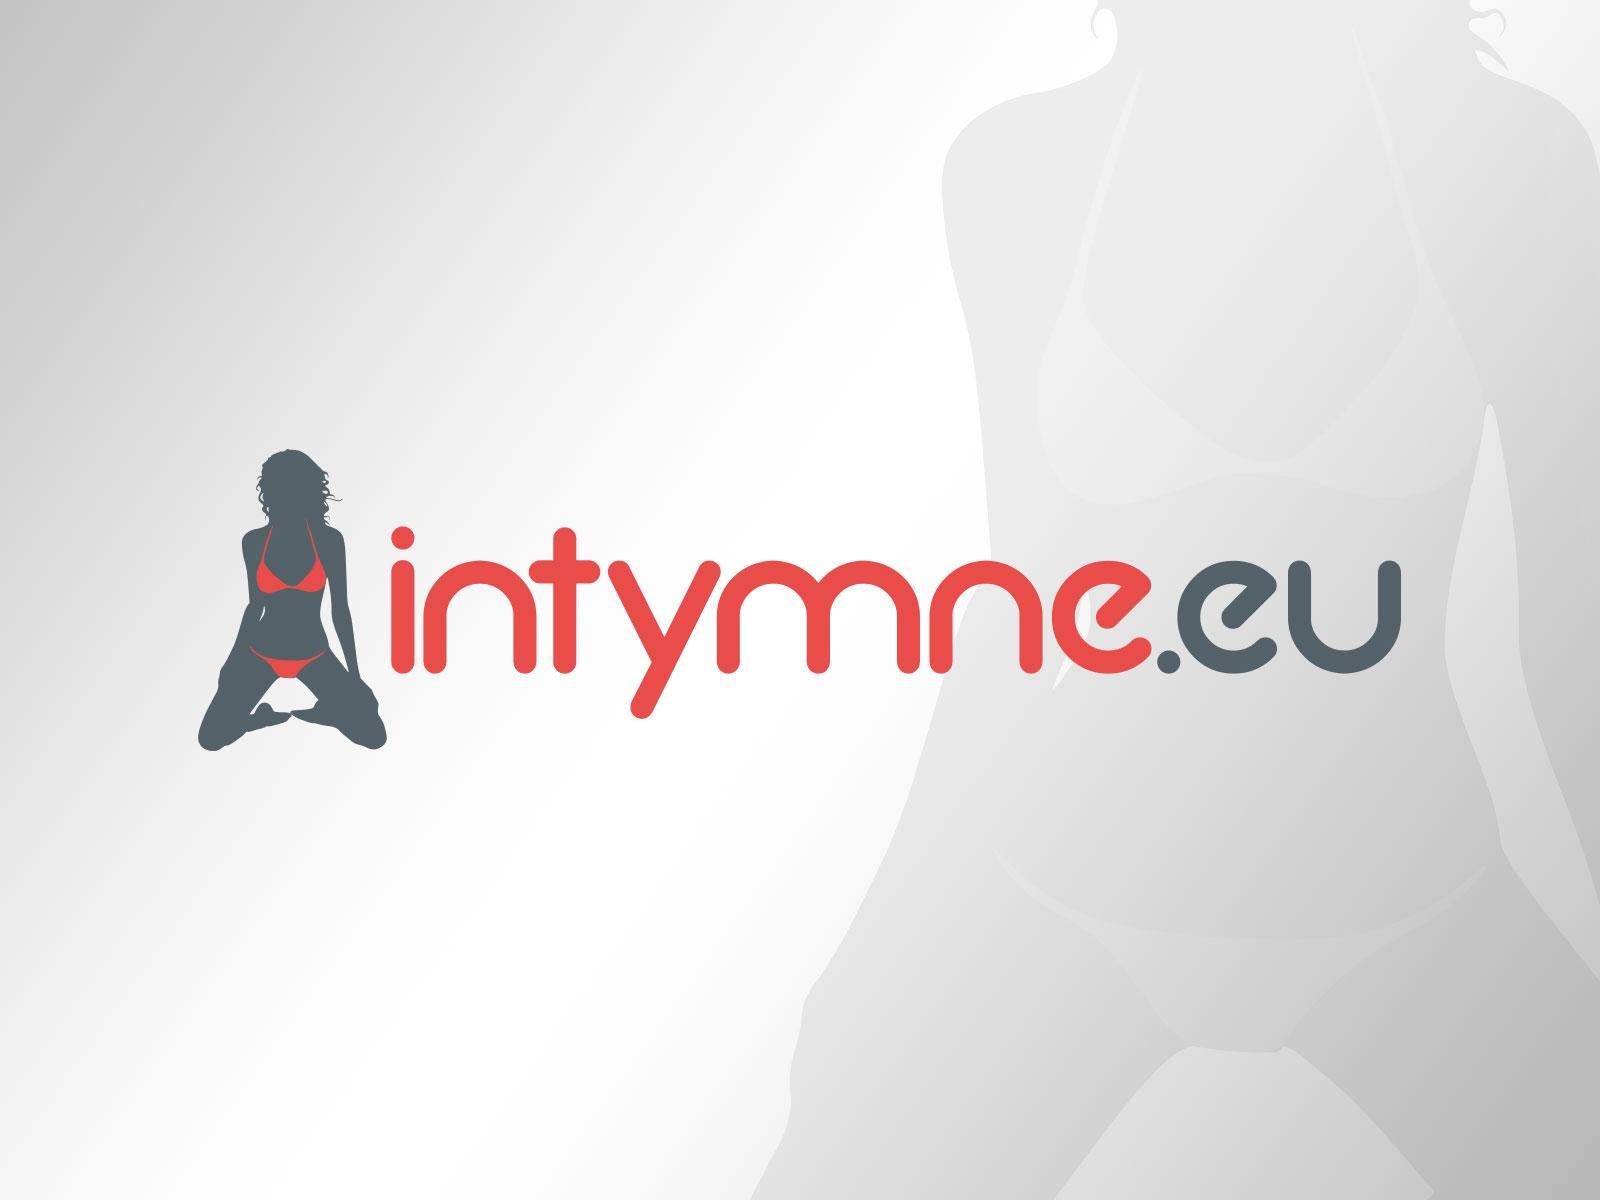 Logo intymne.eu